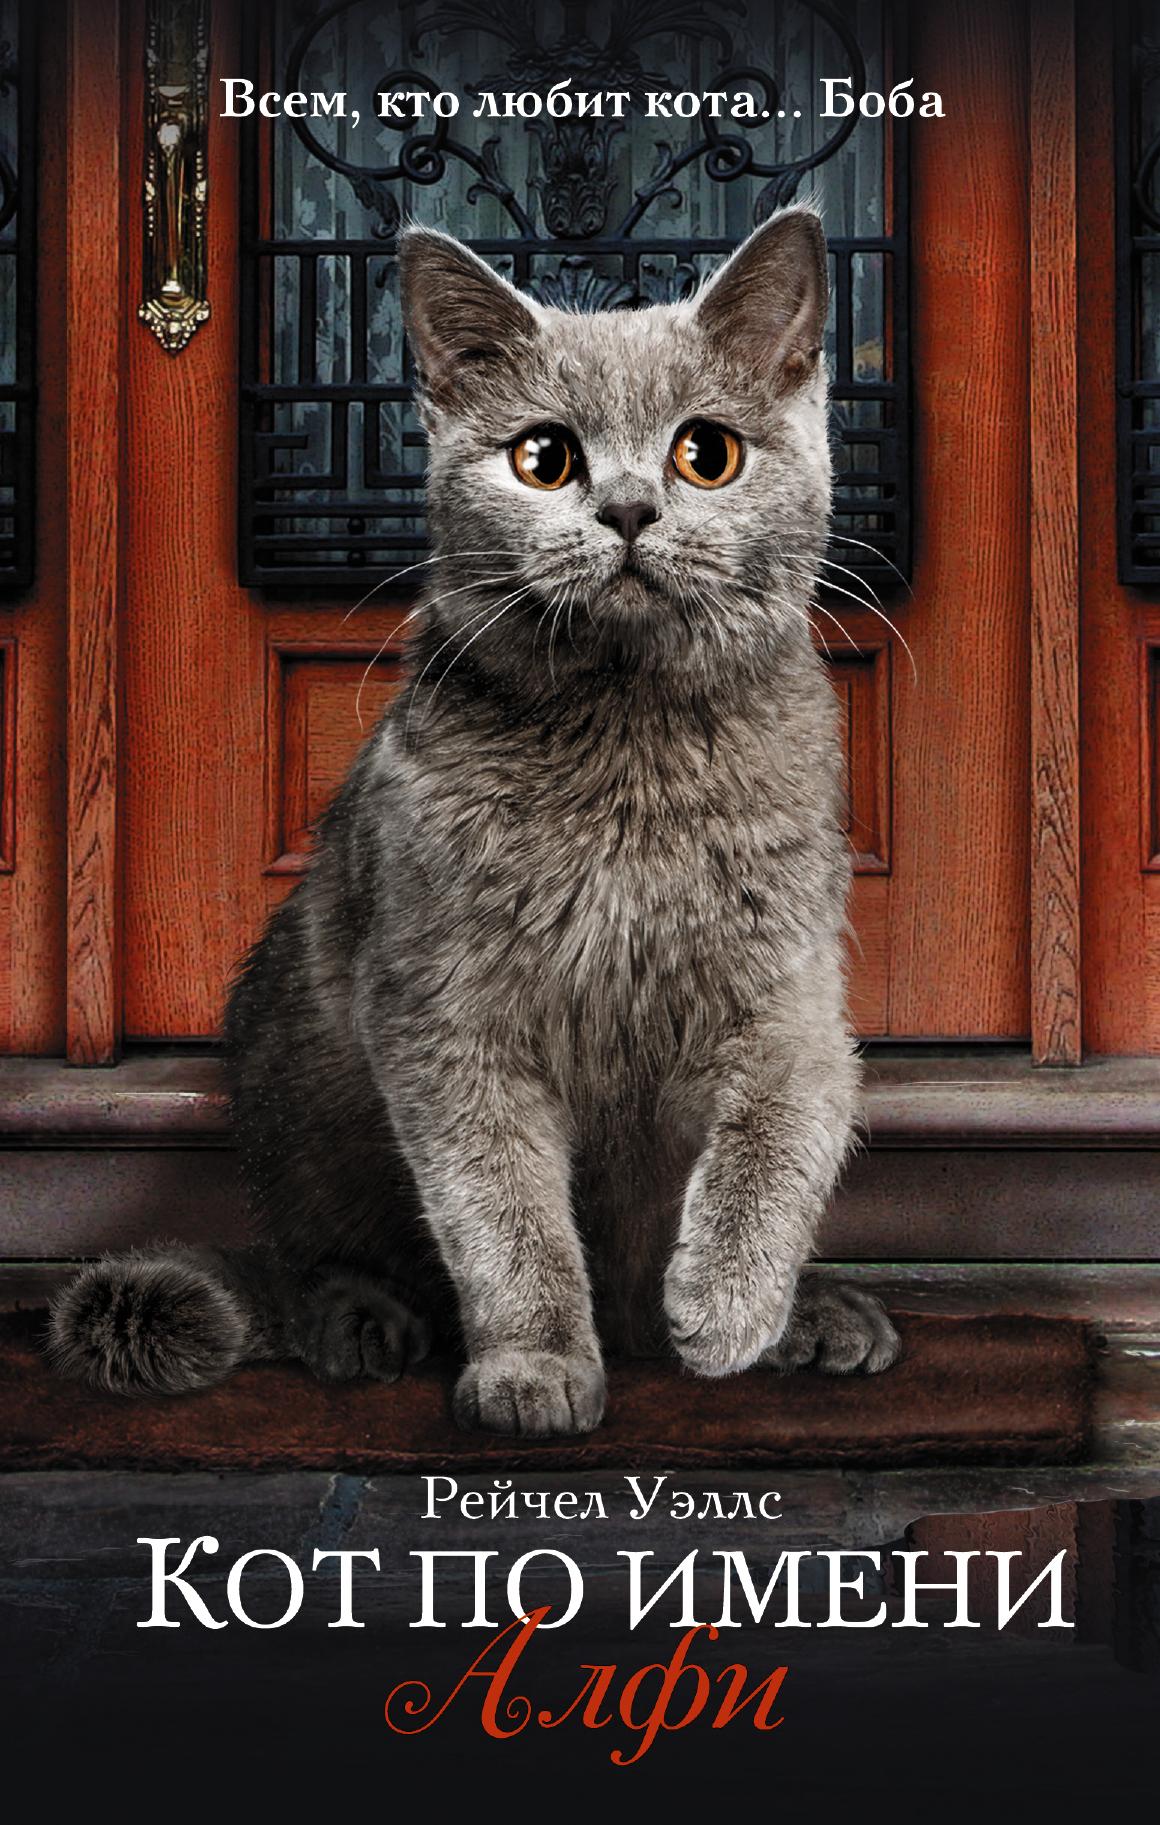 Уэллс Рейчел Кот по имени Алфи ISBN: 978-5-17-090839-4 уэллс р кот по имени алфи